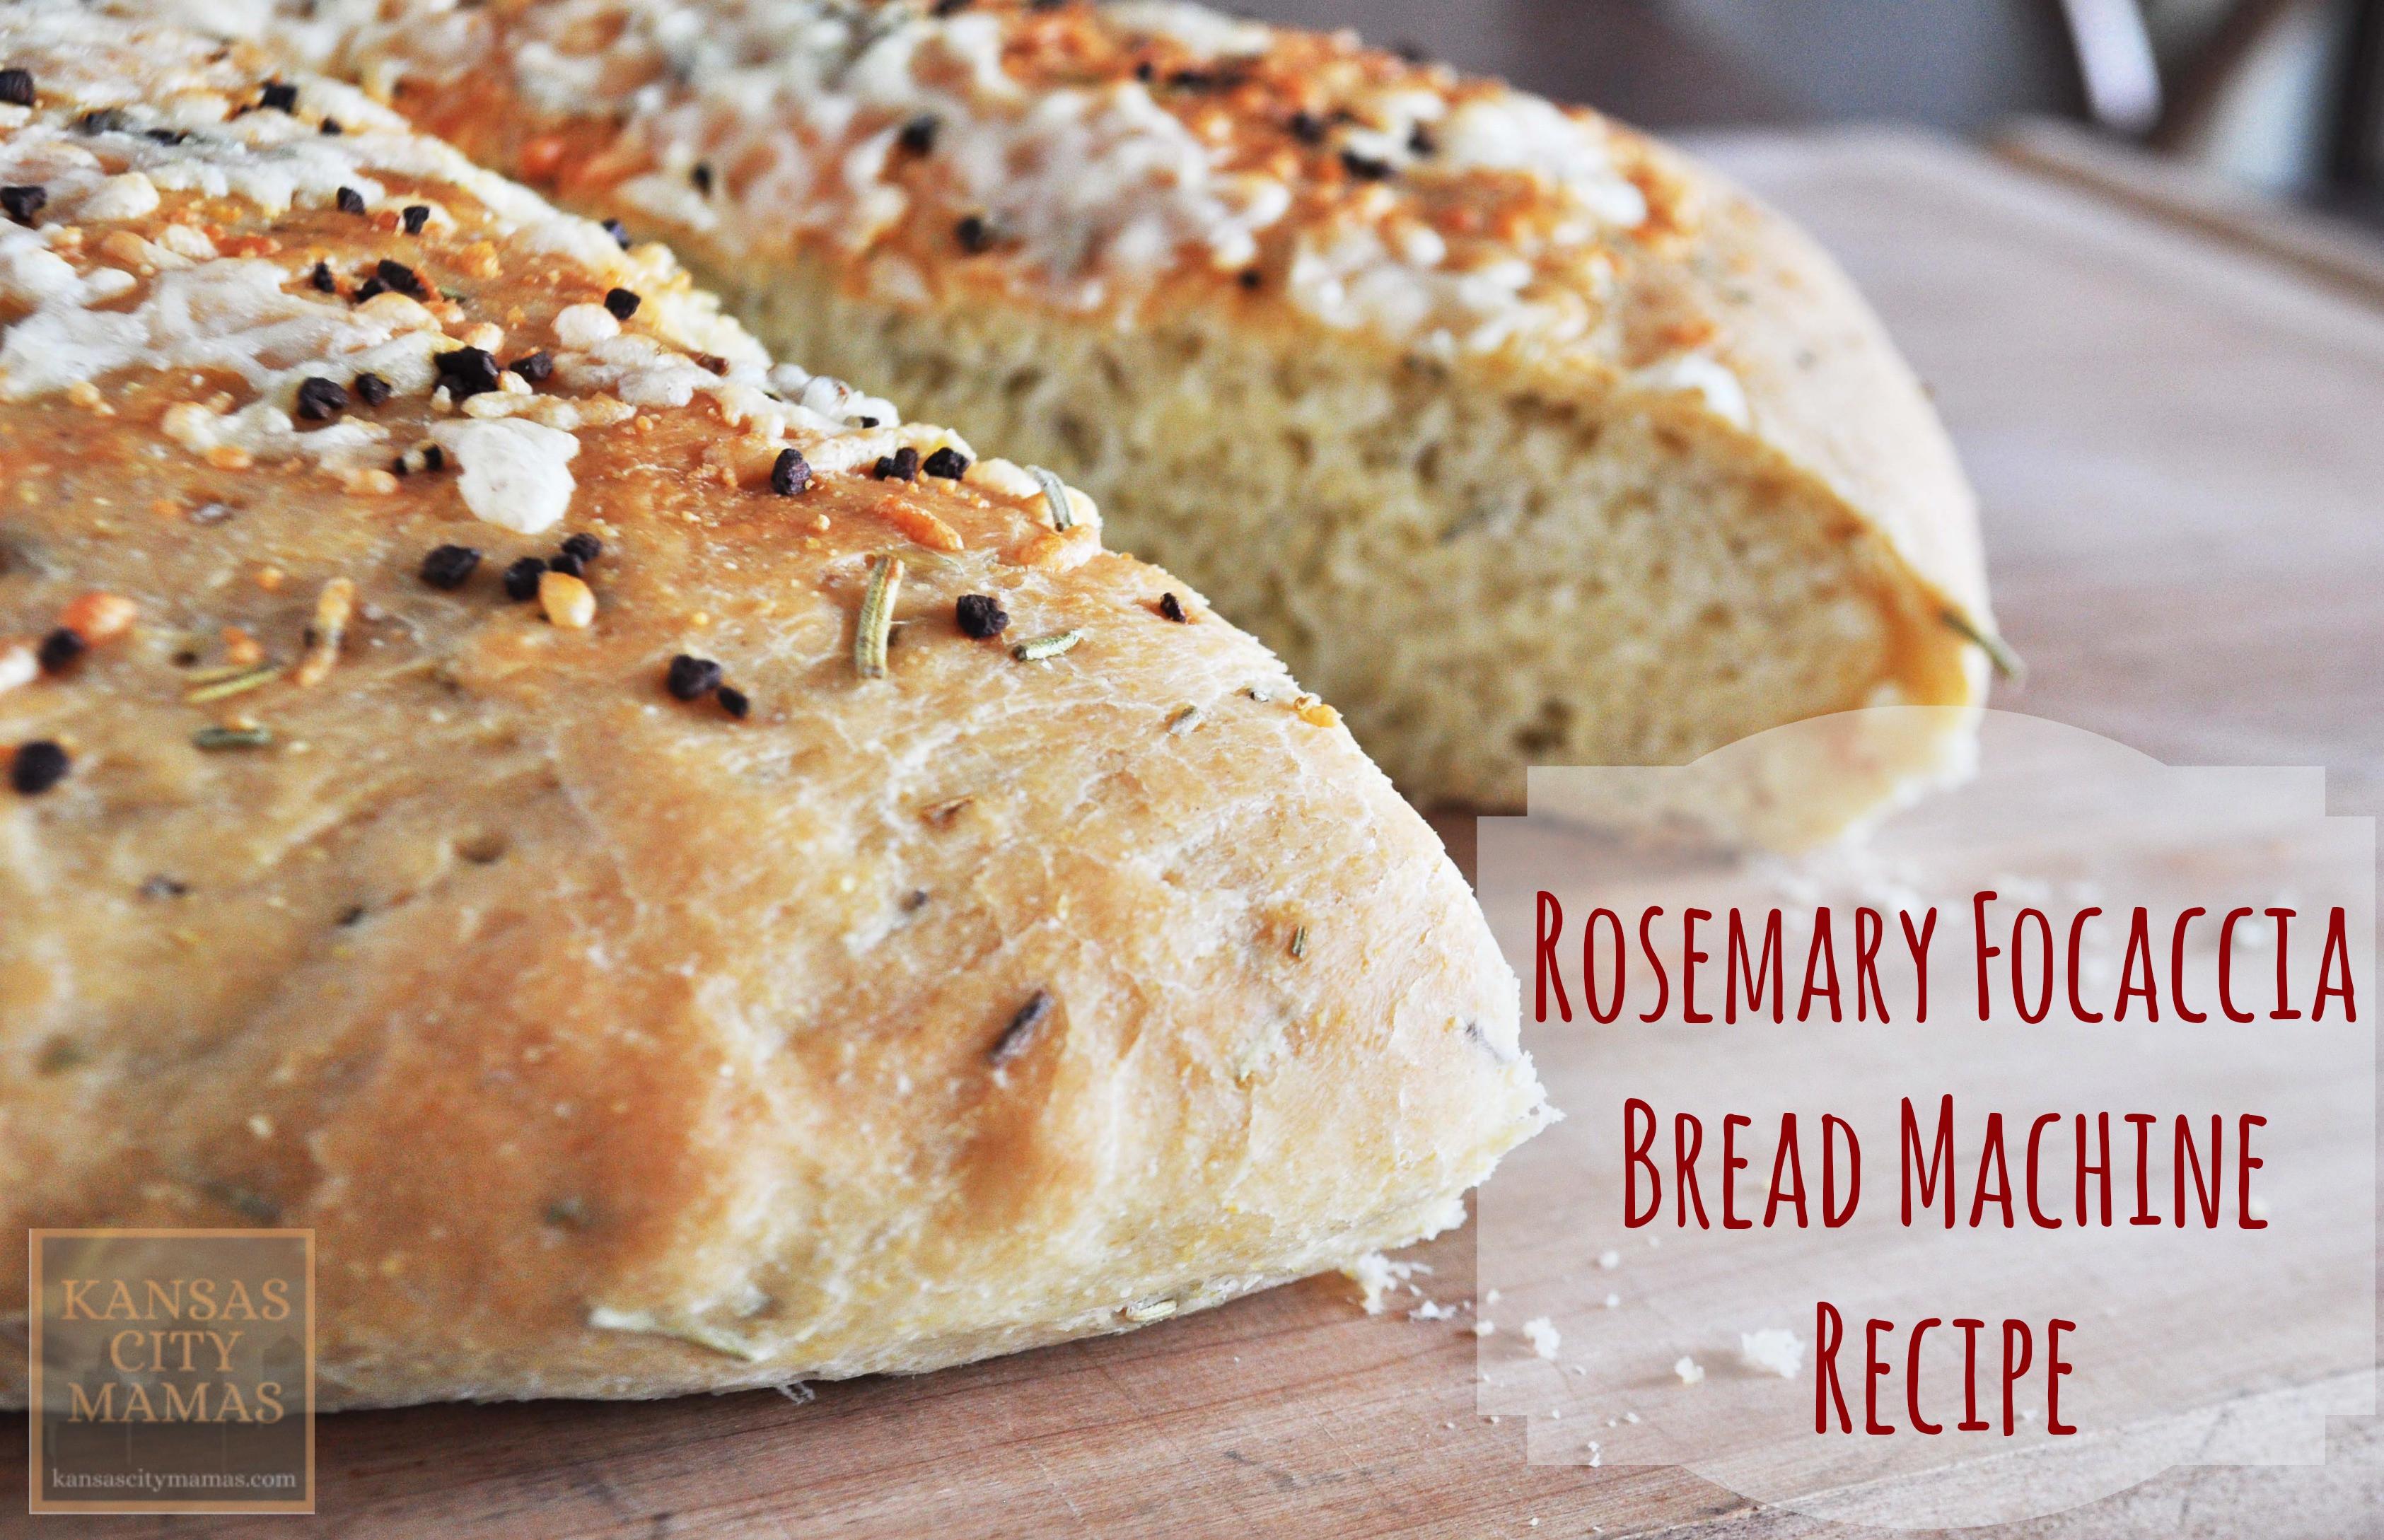 Bread Machine Bread Recipe  Rosemary Focaccia Bread Machine Recipe